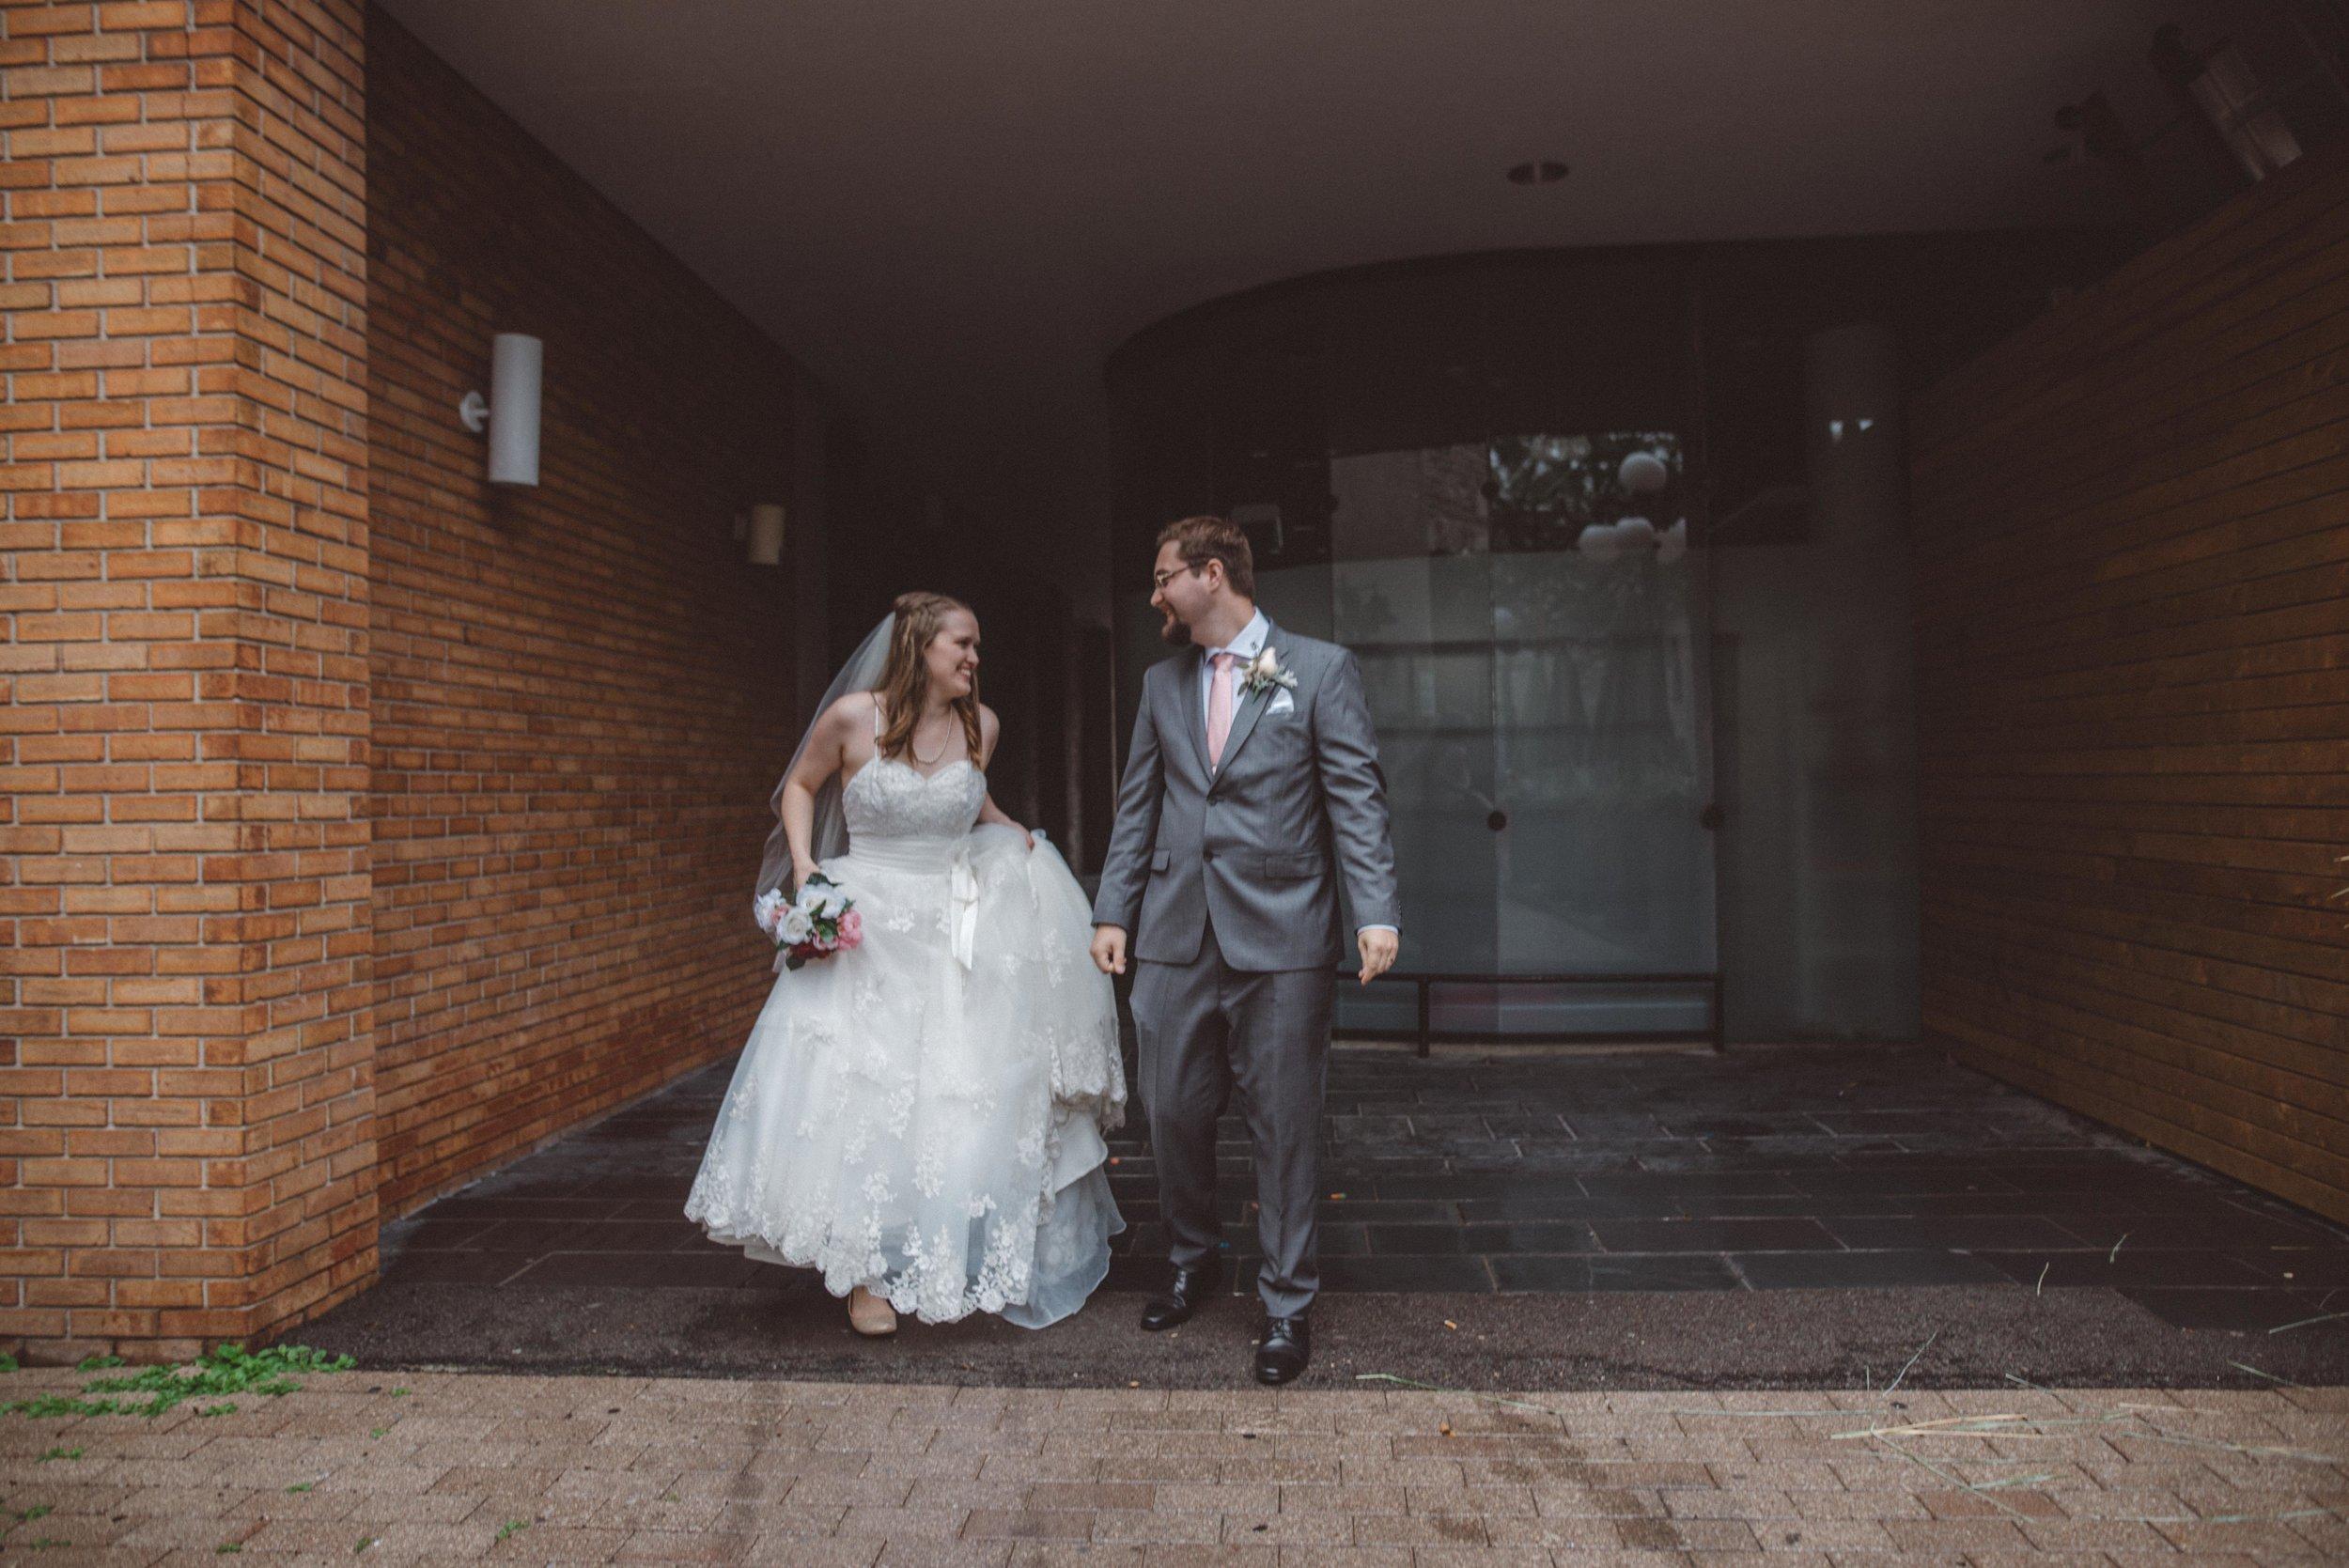 wedding_photographer_lifestyle_documentary_photographe_ottawa_gatineau-12.jpg